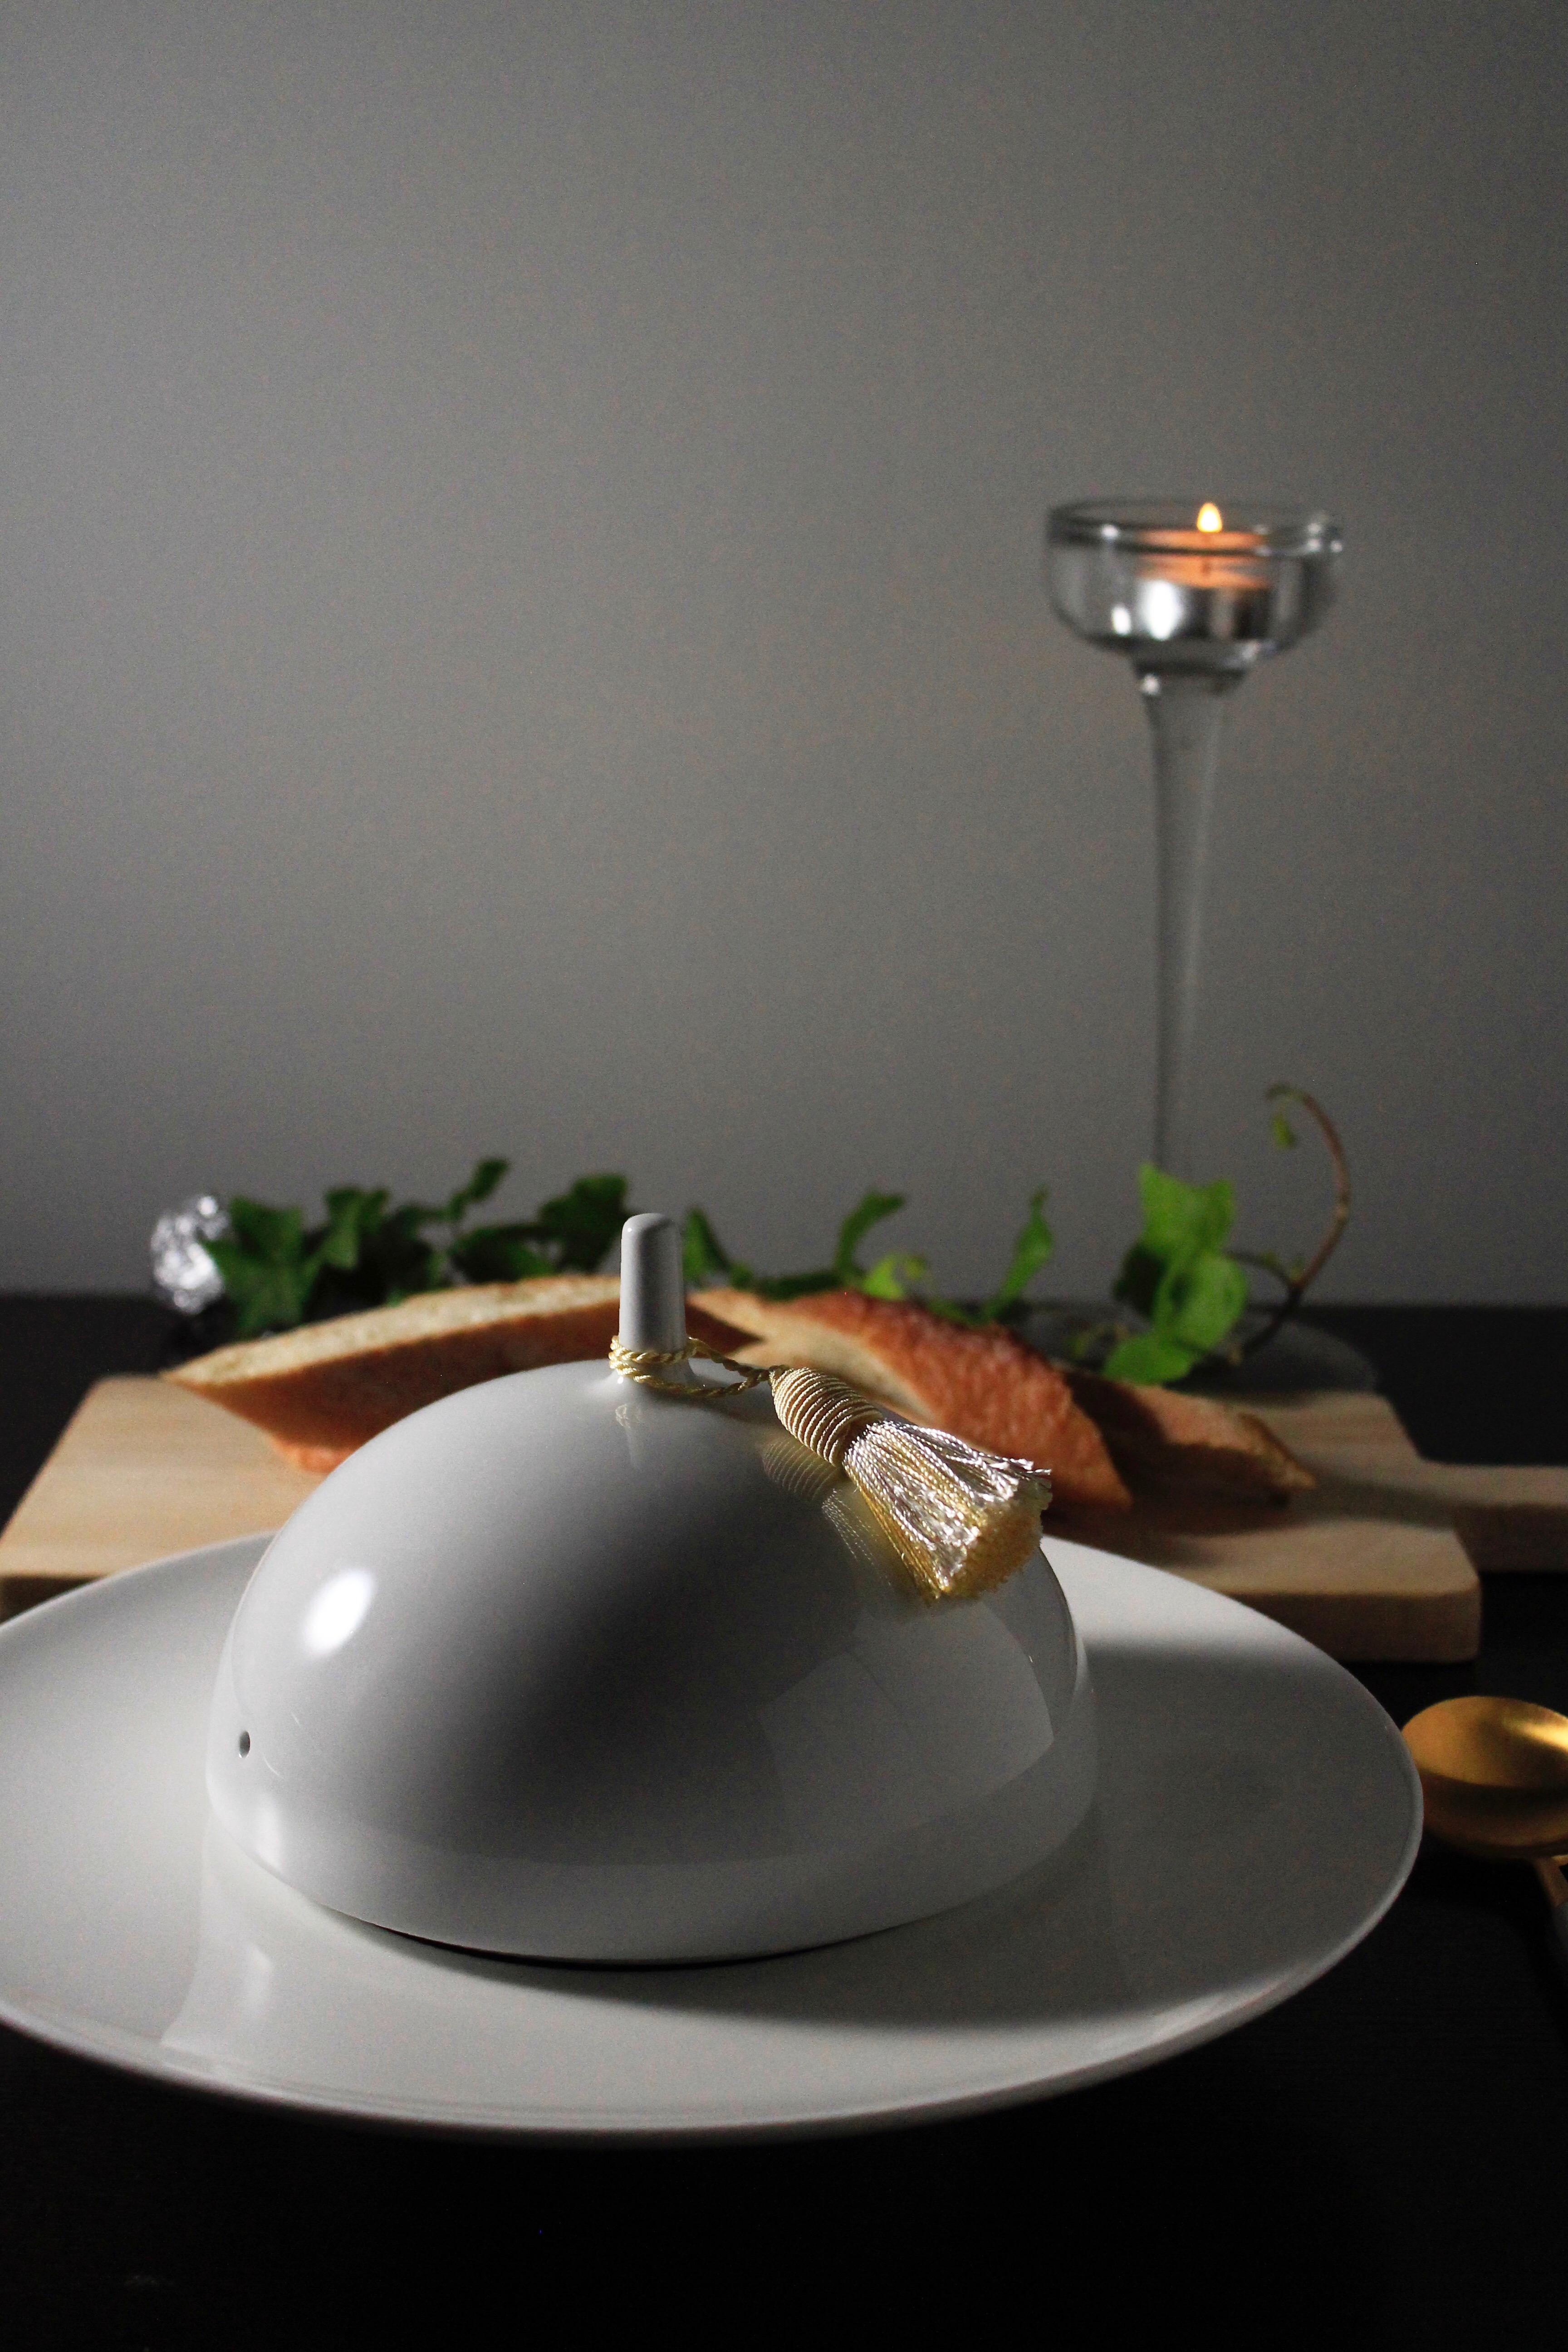 淡路島オニオンスープをフードカバー6